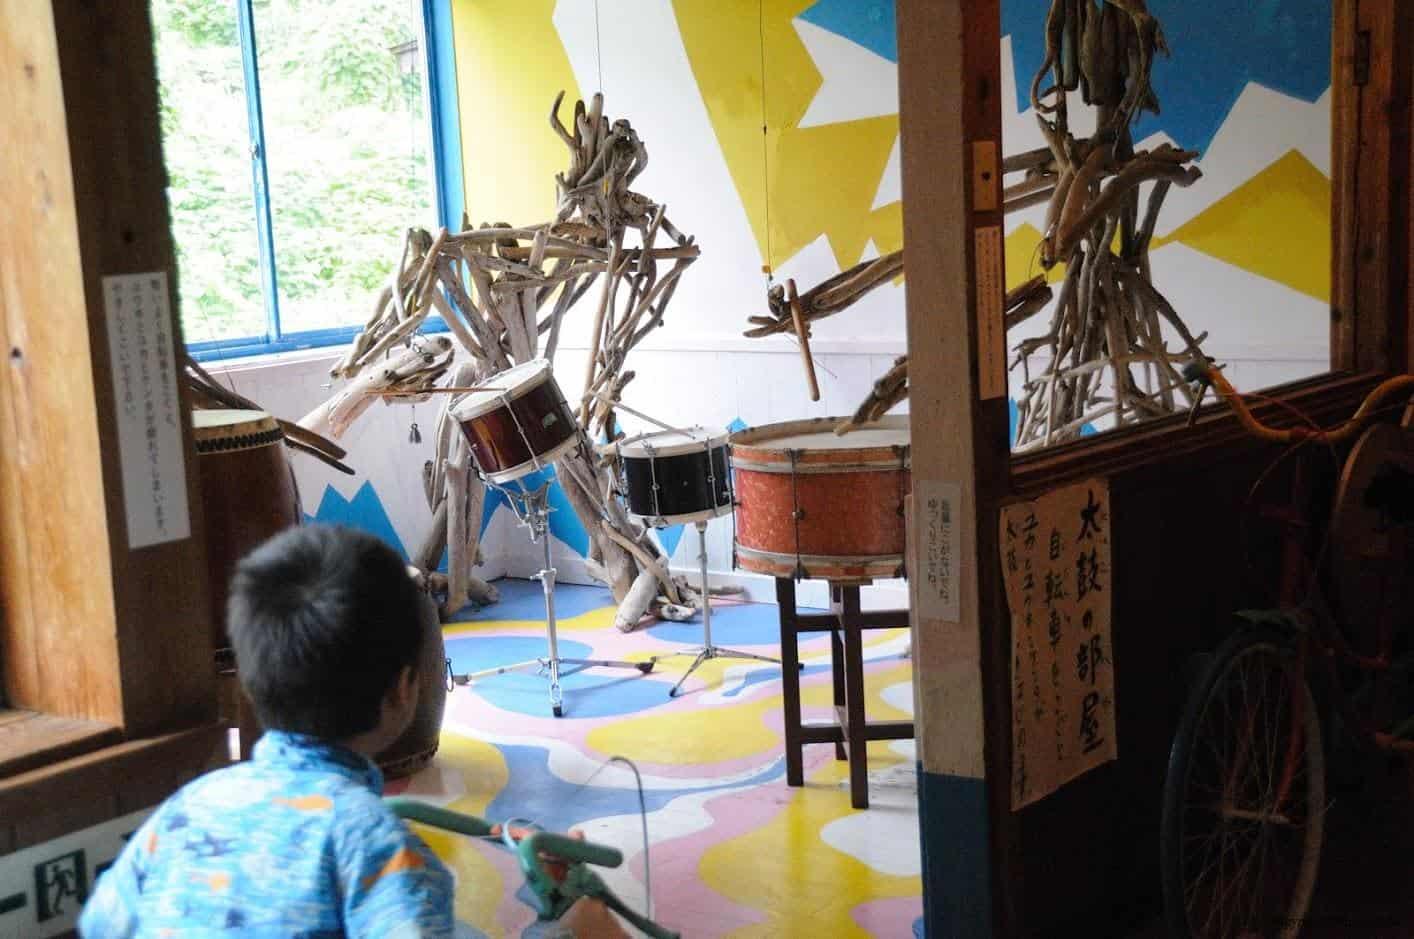 田島征三,繪本和樹木果實美術館,以「學校不是空的喔!」為主題。小朋友透過在腳踏車上踩踏,帶動前方木偶進行敲打鼓的動作與聲響,體驗感十足 繪本和樹木果實美術館 繪本和樹木果實美術館 hachi seizo tashima museum of picture book art 11